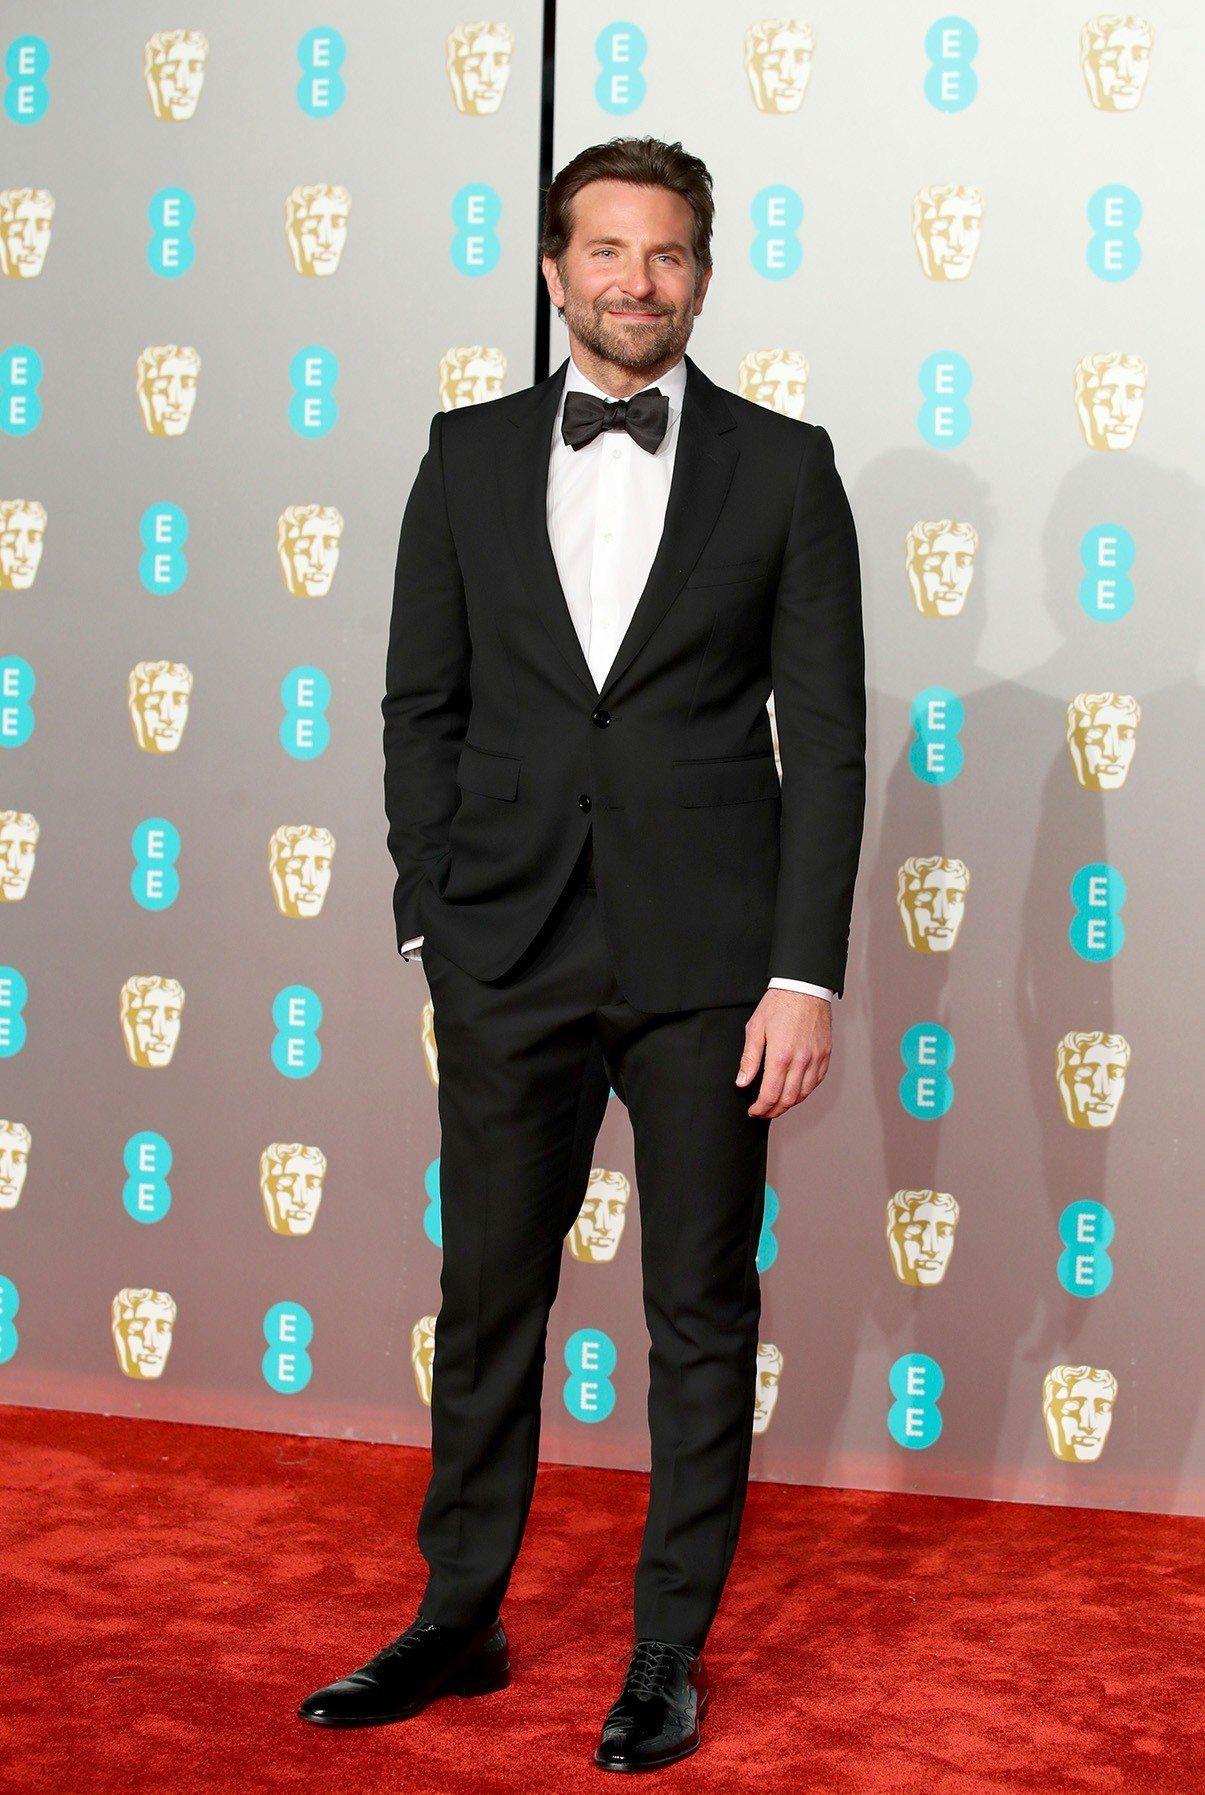 布萊德利庫柏紅在英國影藝學院電影獎毯上,身穿Celine黑色正式晚宴西裝,搭配同...